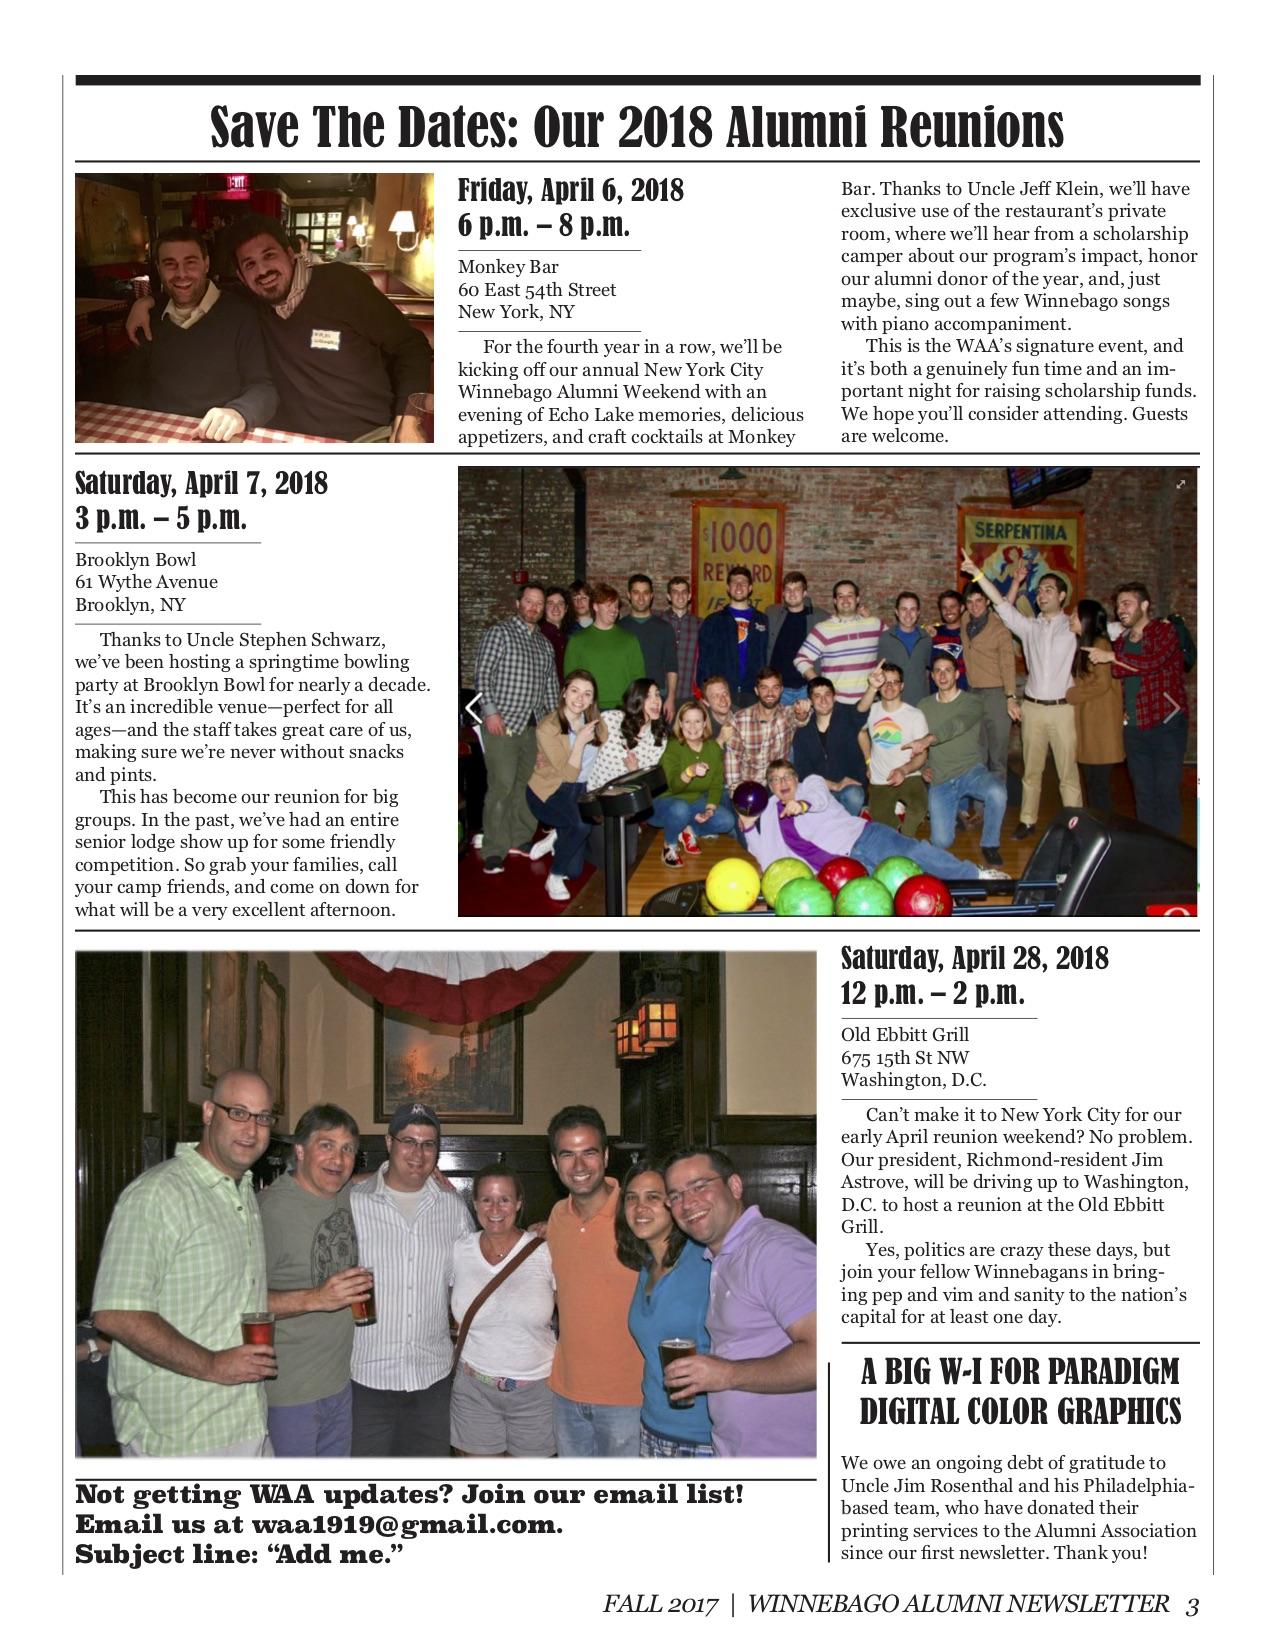 2017 Fall Newsletter 3.jpg